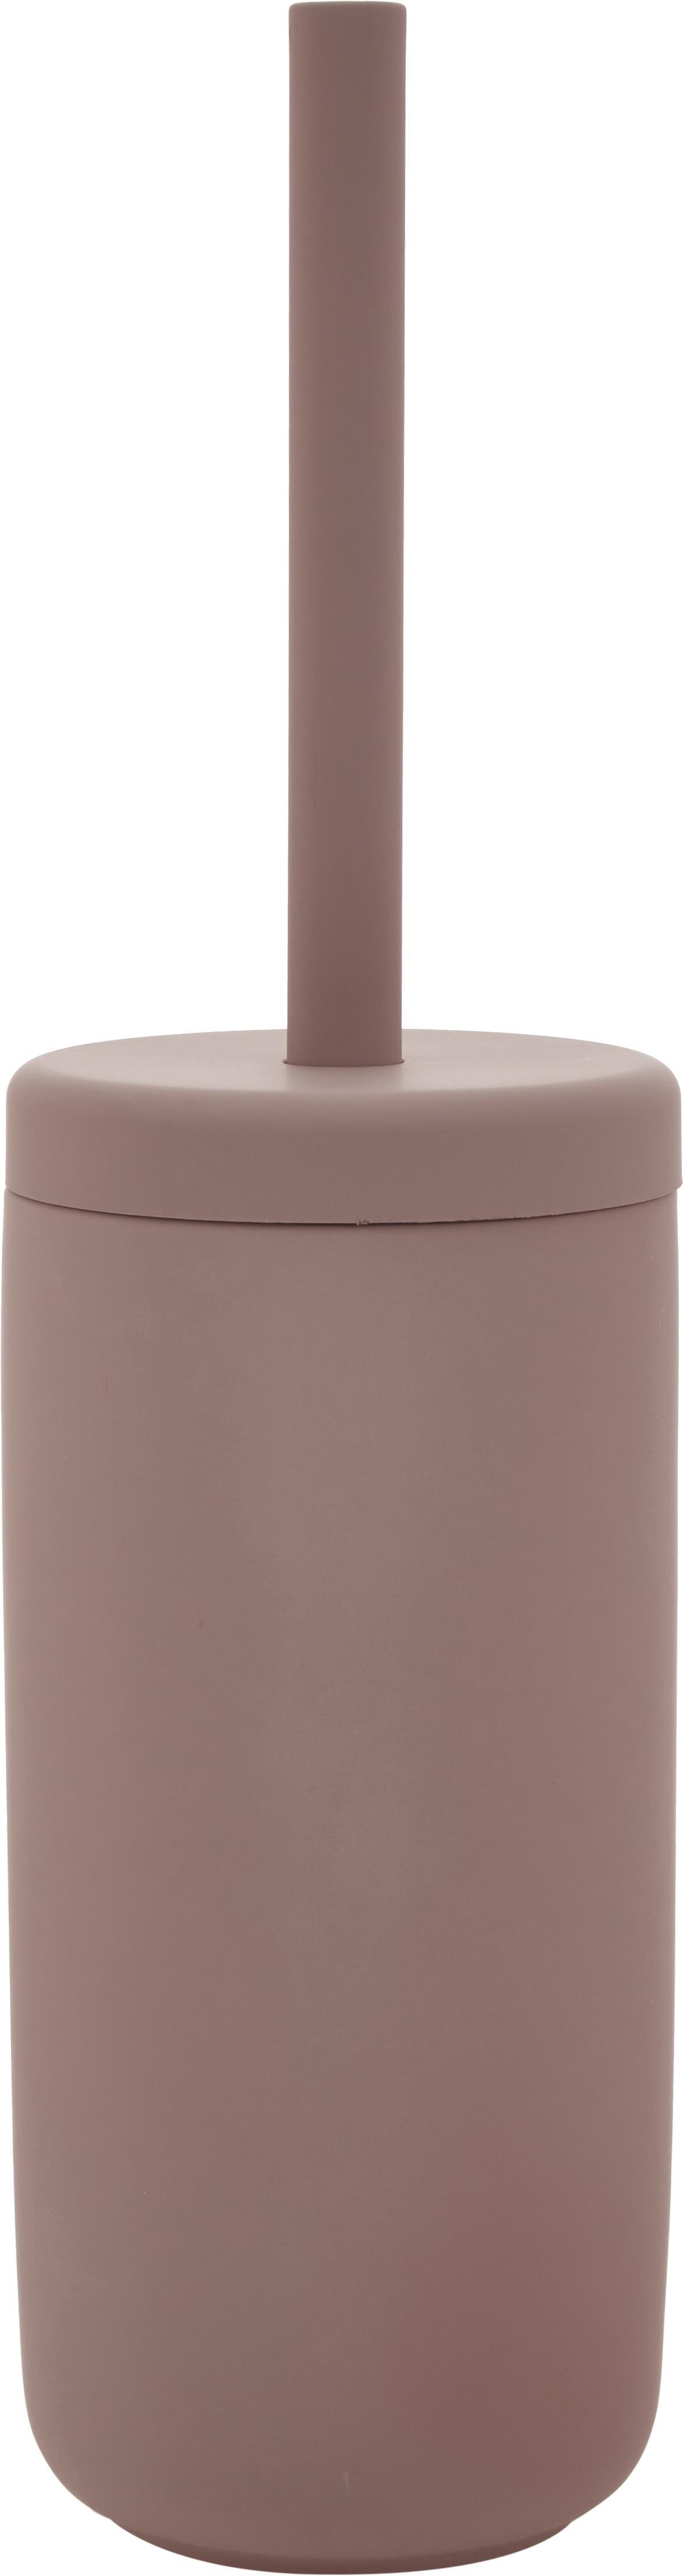 Scopino con contenitore in terracotta Omega, Contenitore: terracotta rivestita con , Manico: materiale sintetico, Rosa cipria opaco, Ø 10 x Alt. 39 cm